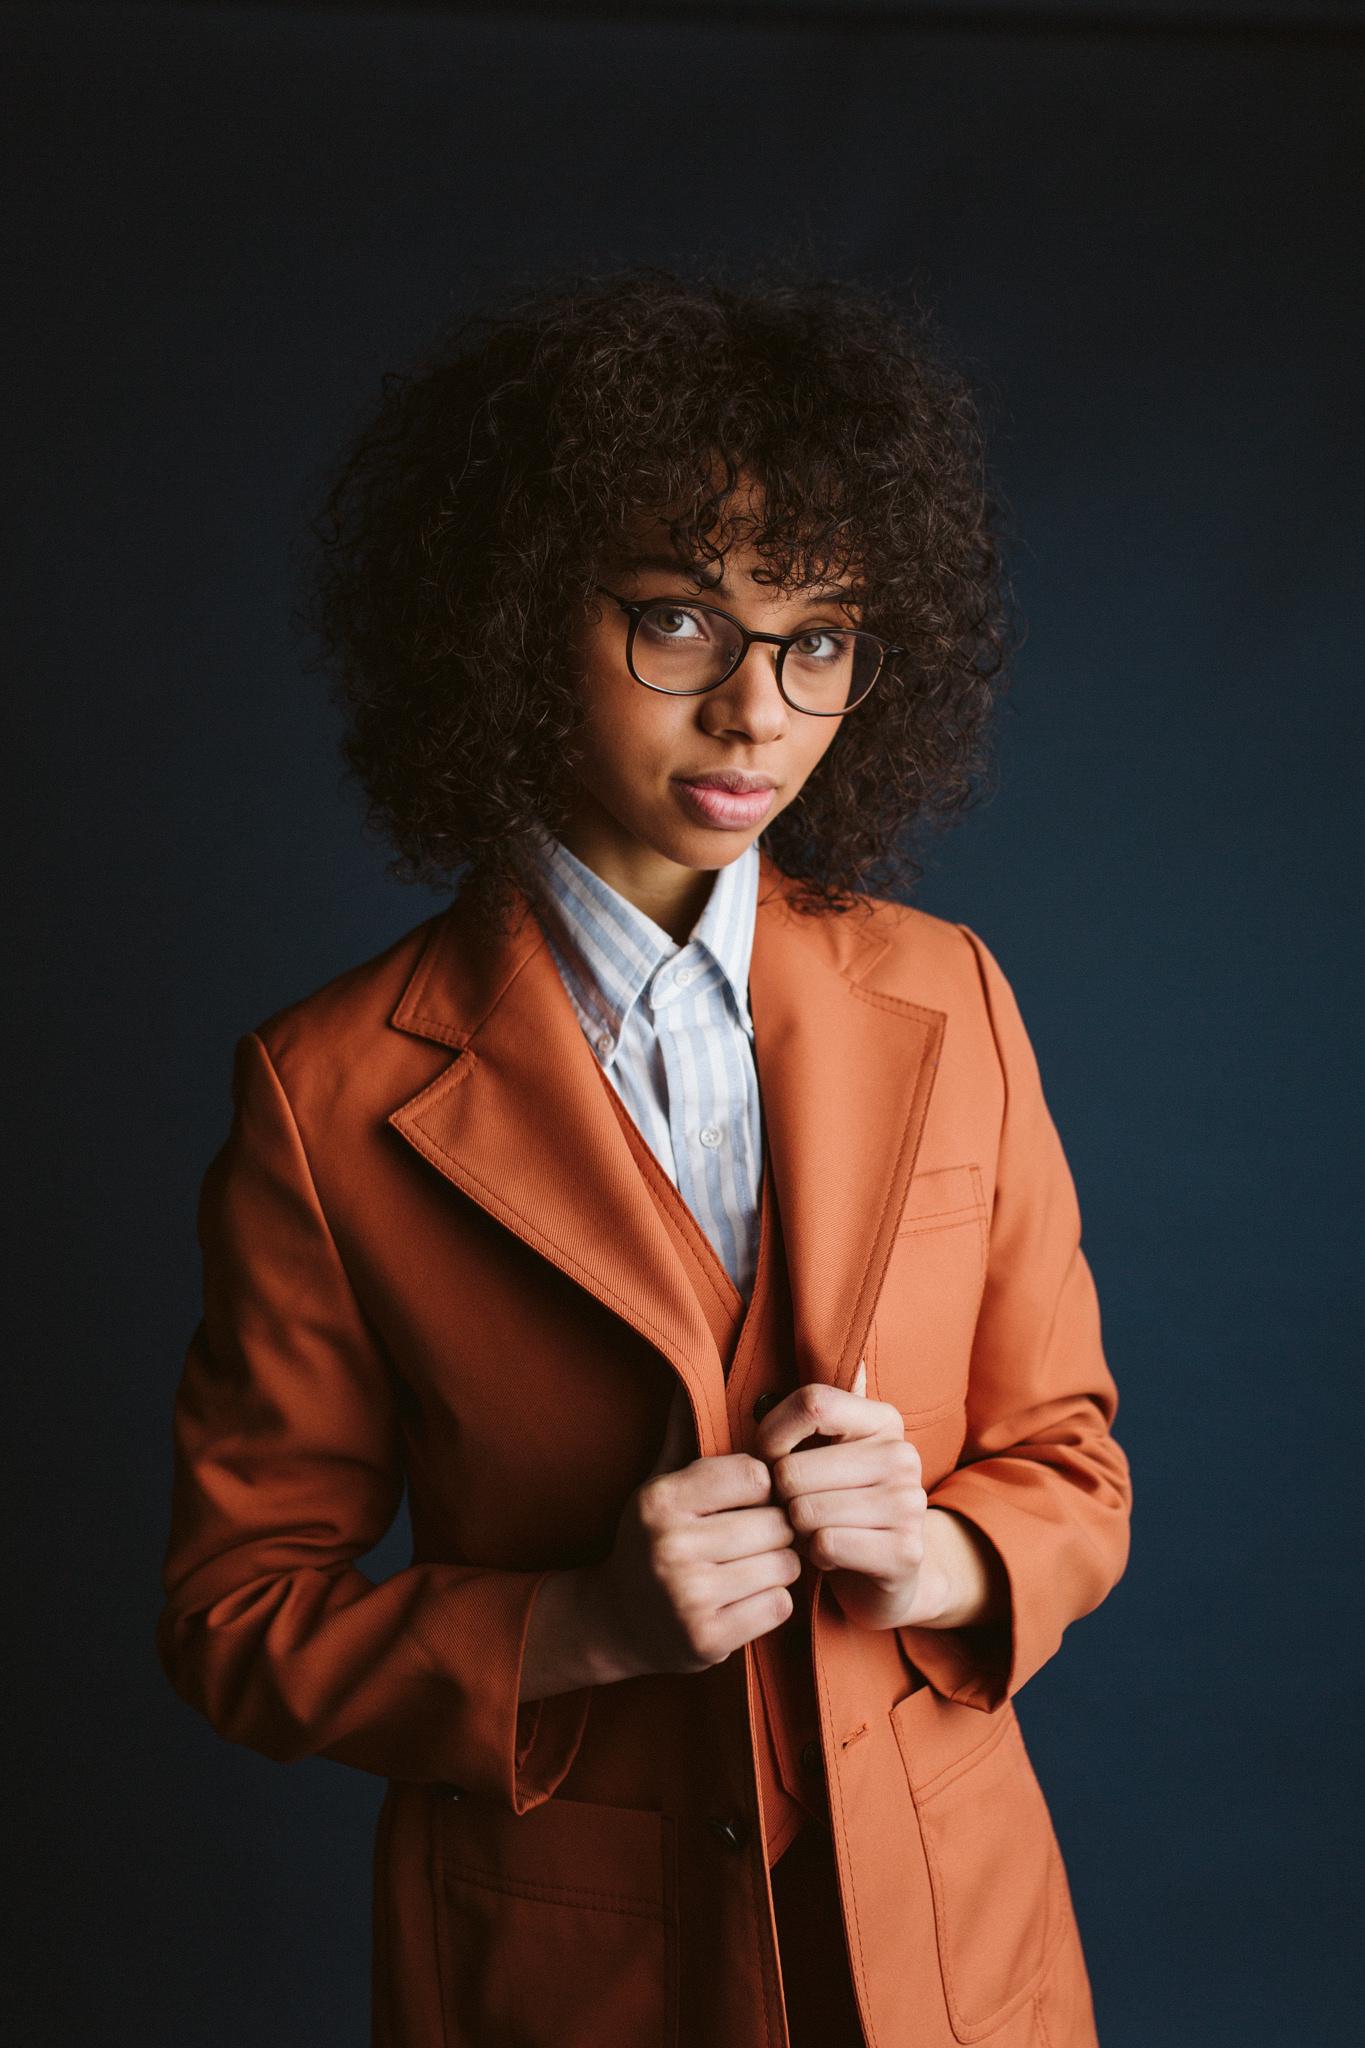 2019-02-03_Sara-Zaleski_Styled-Portraits_Kimberly-Dovi-Photography-2126.jpg